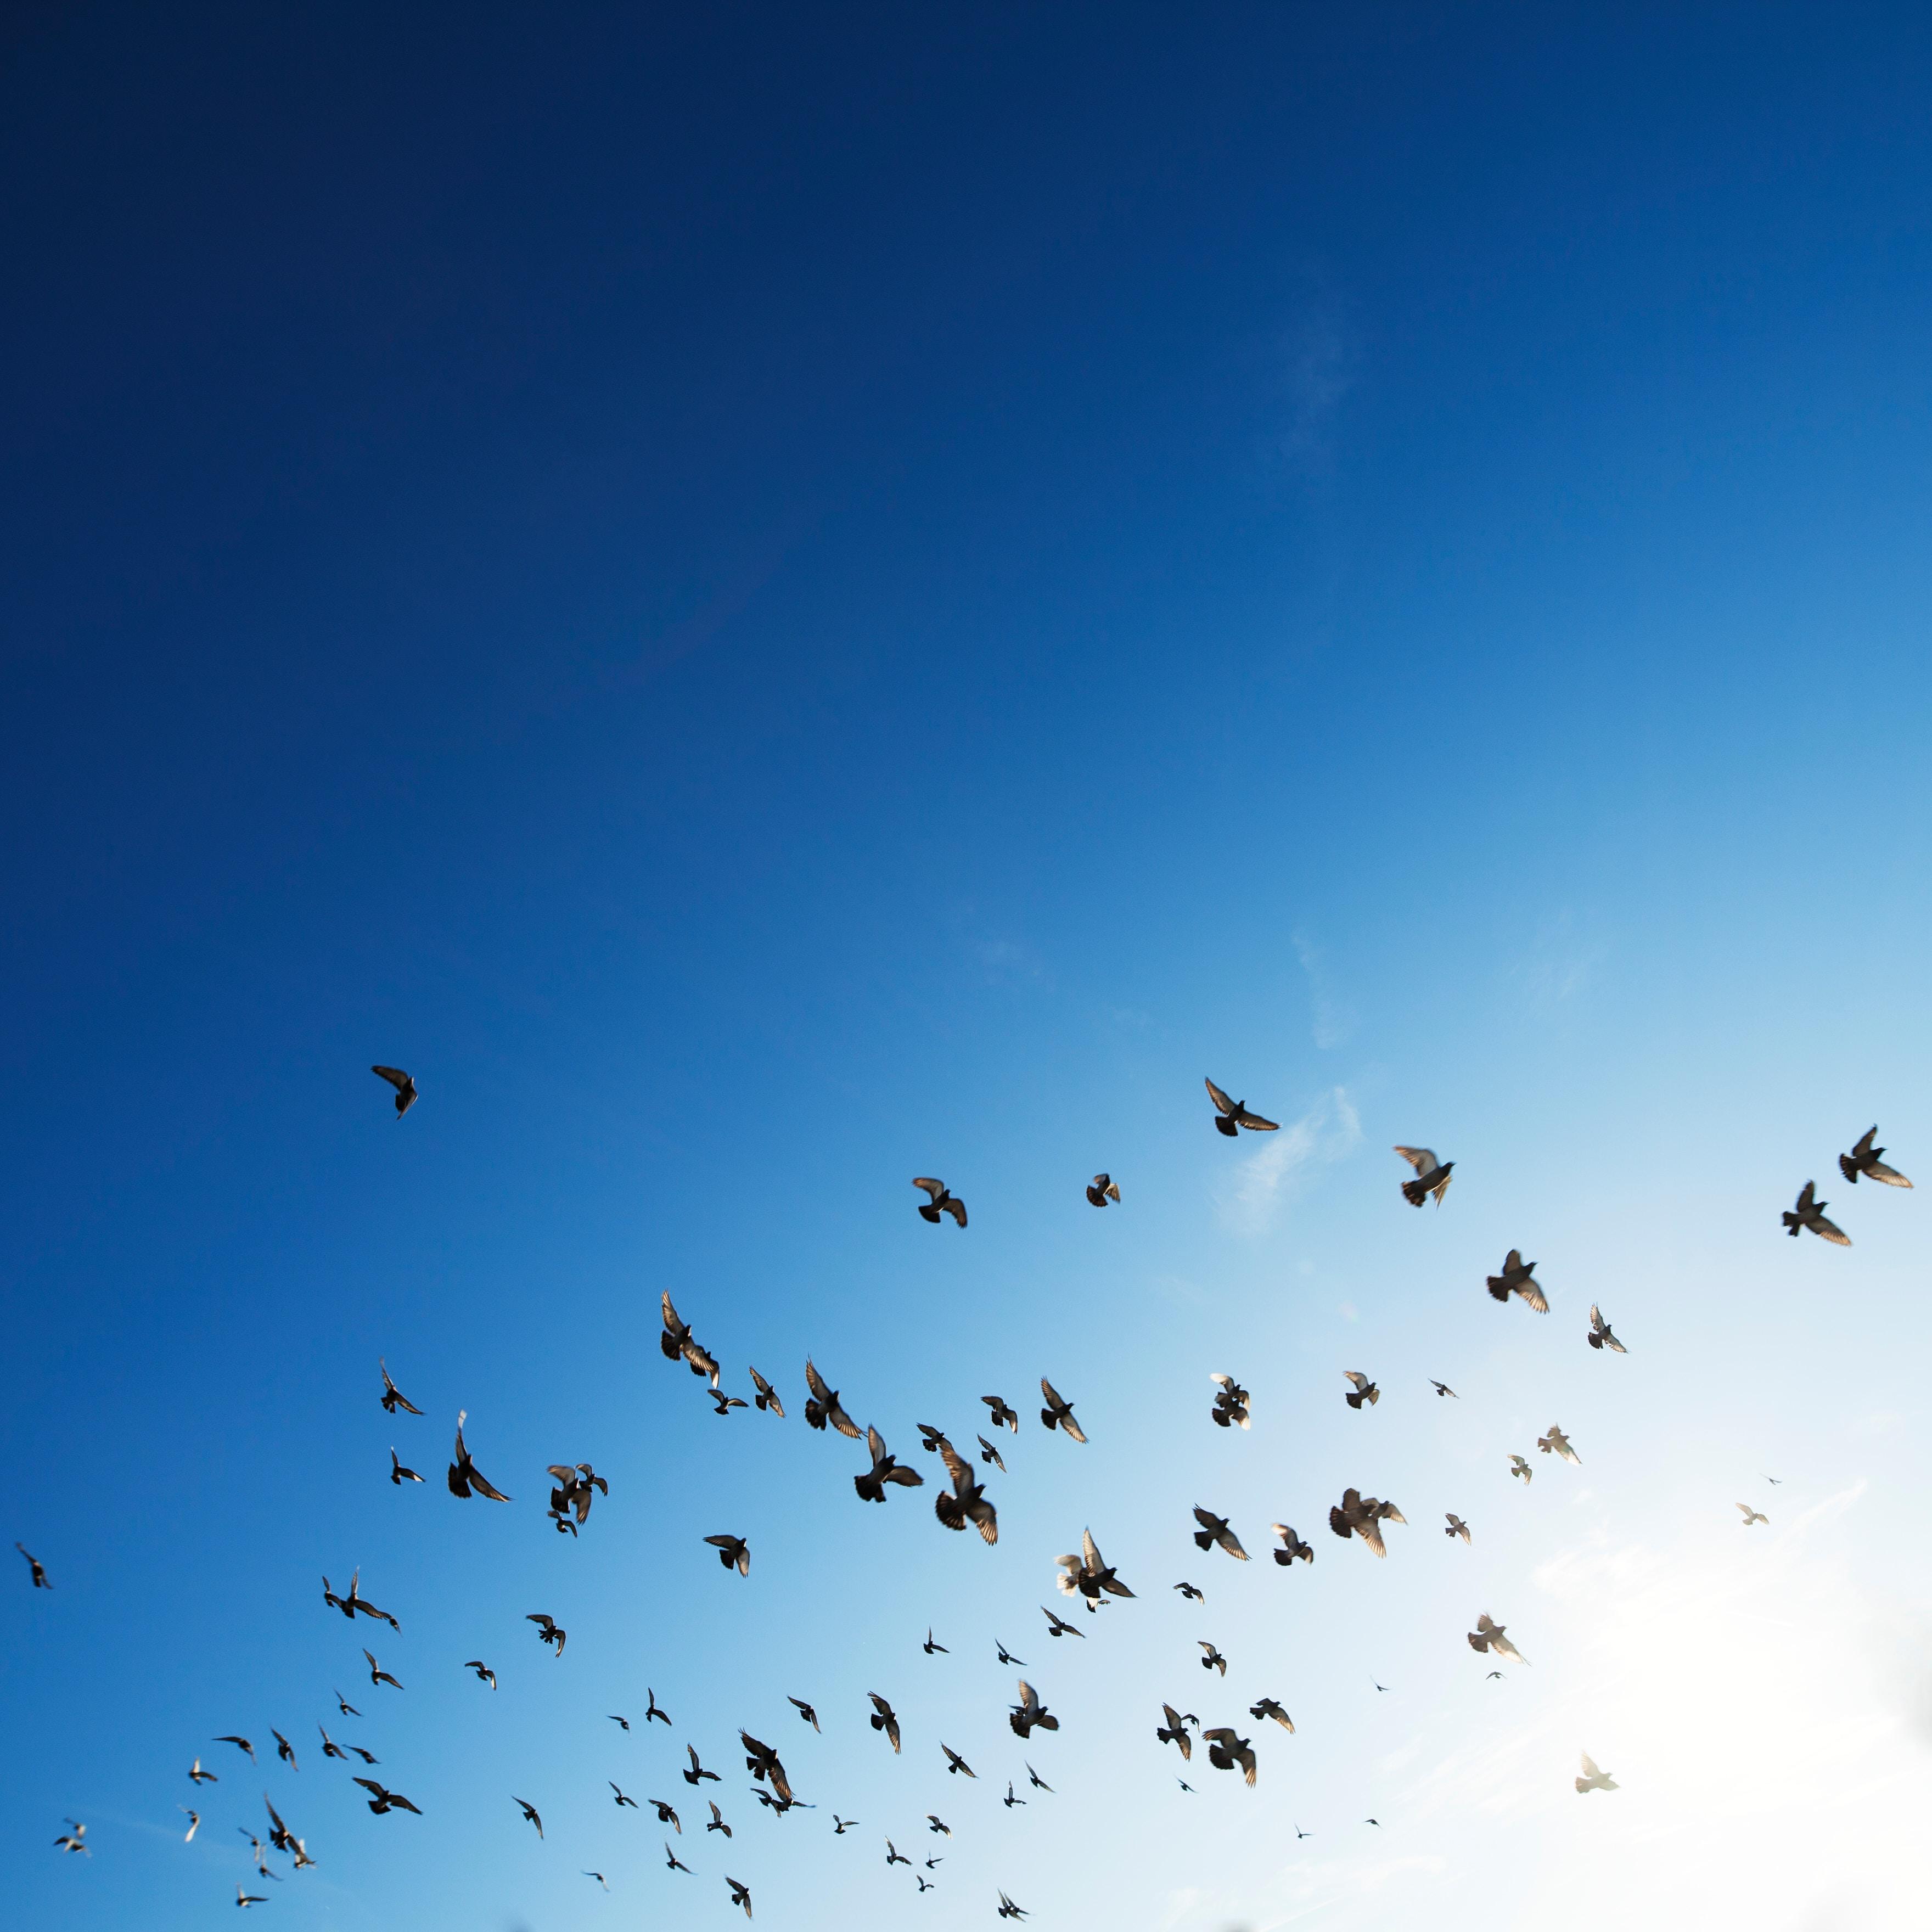 Bird Wallpapers Free Hd Download 500 Hq Unsplash